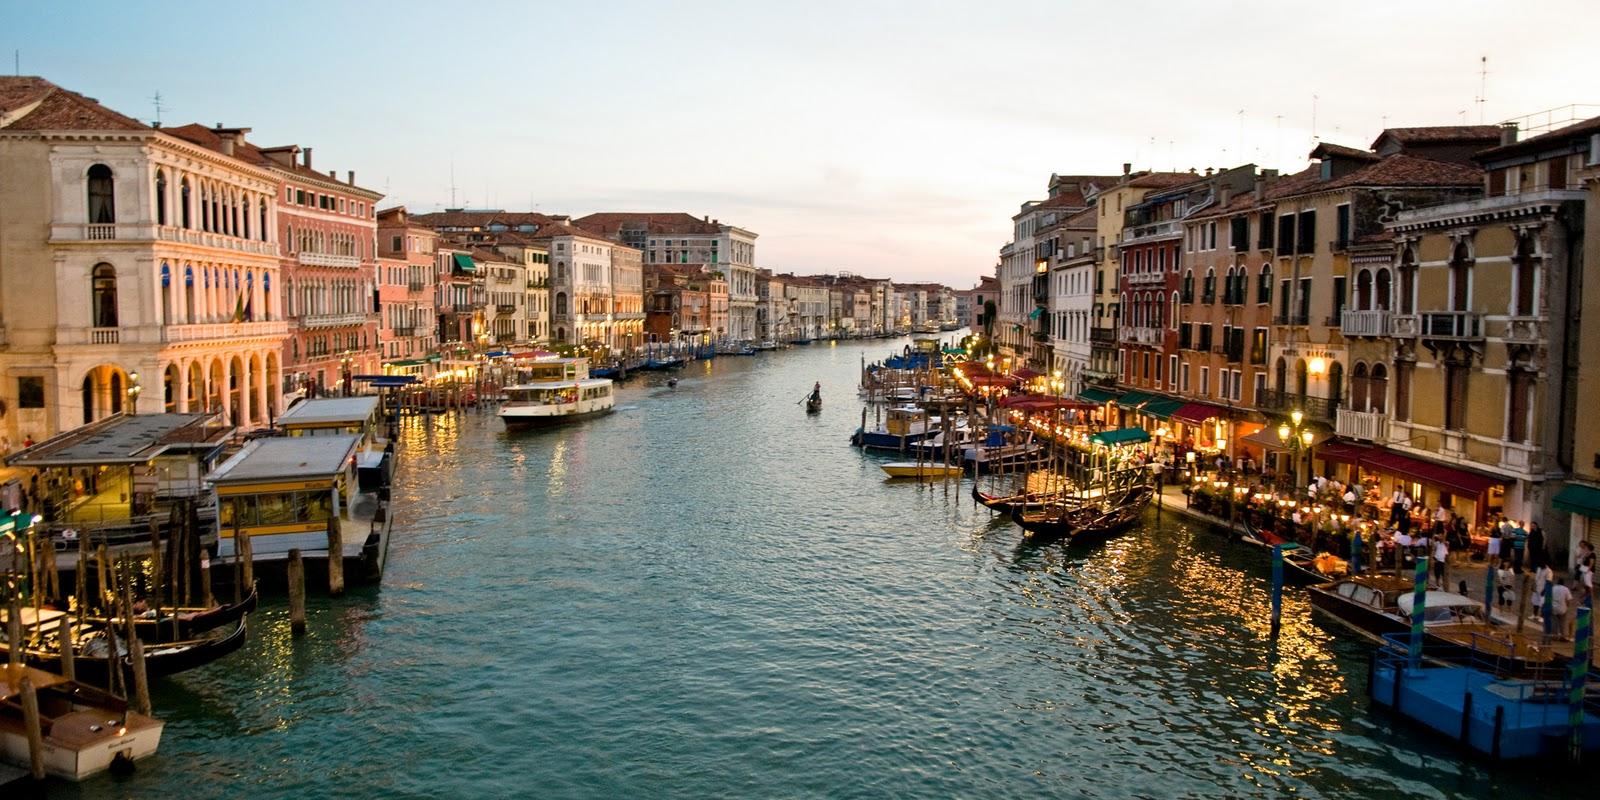 Vacanza a Venezia: ecco cosa vale la pena fare